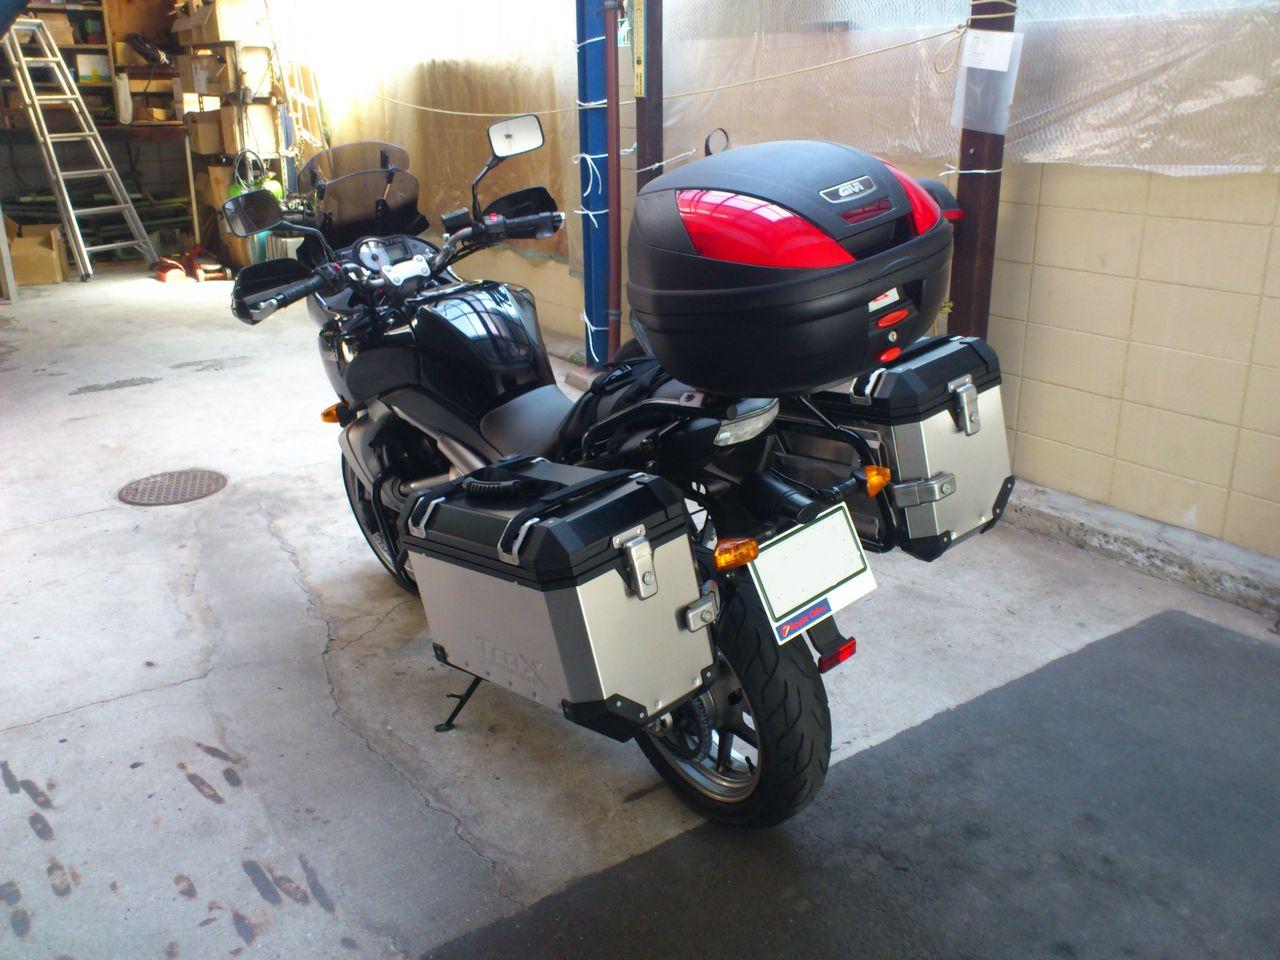 あなたのバイクに新しい収納力を!トップケースをご紹介します!のサムネイル画像